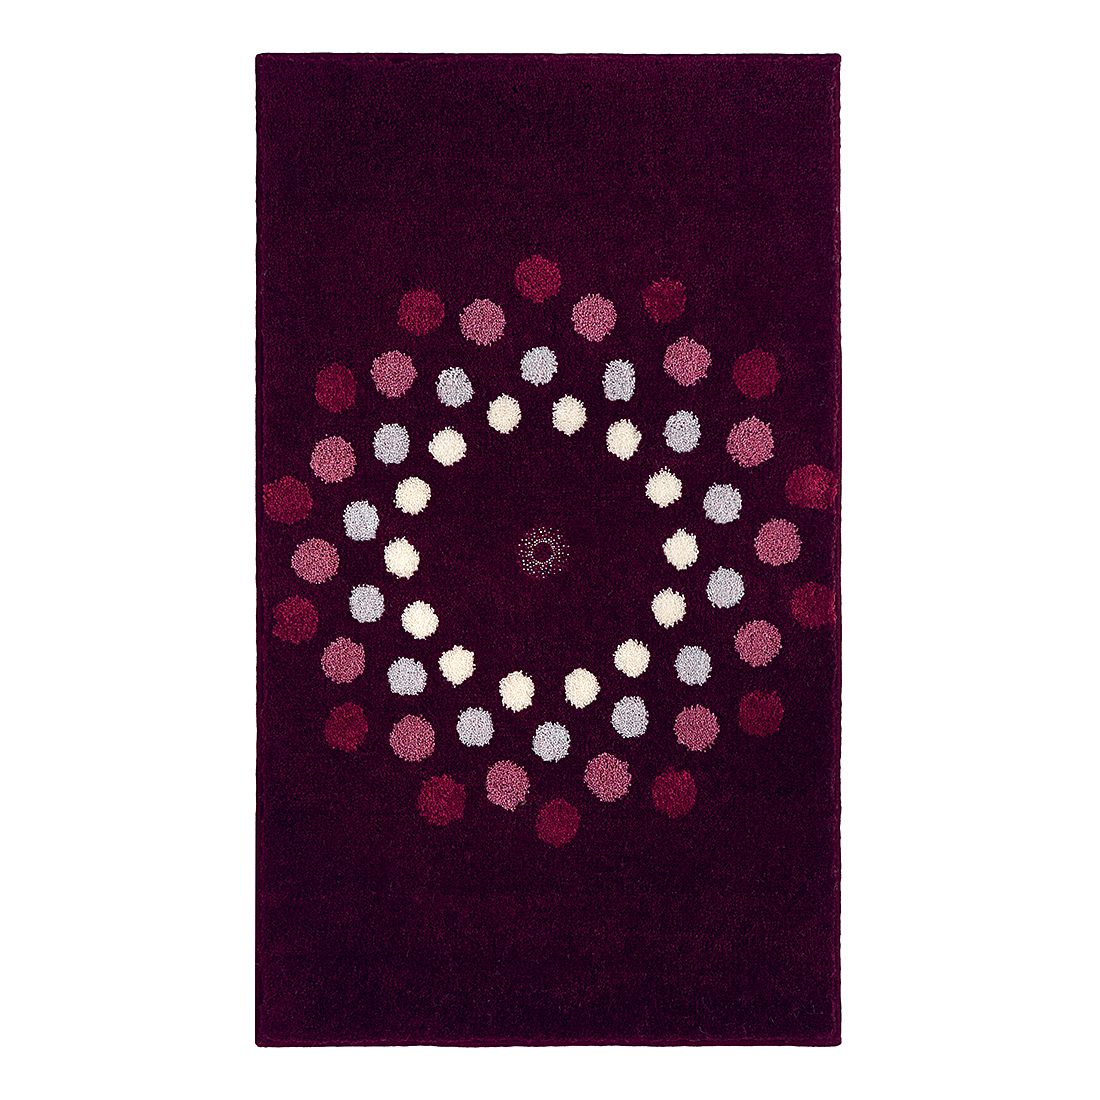 Badteppich Crystal Blossom – Bordeaux – Größe: 120 x 70 cm, Grund günstig kaufen